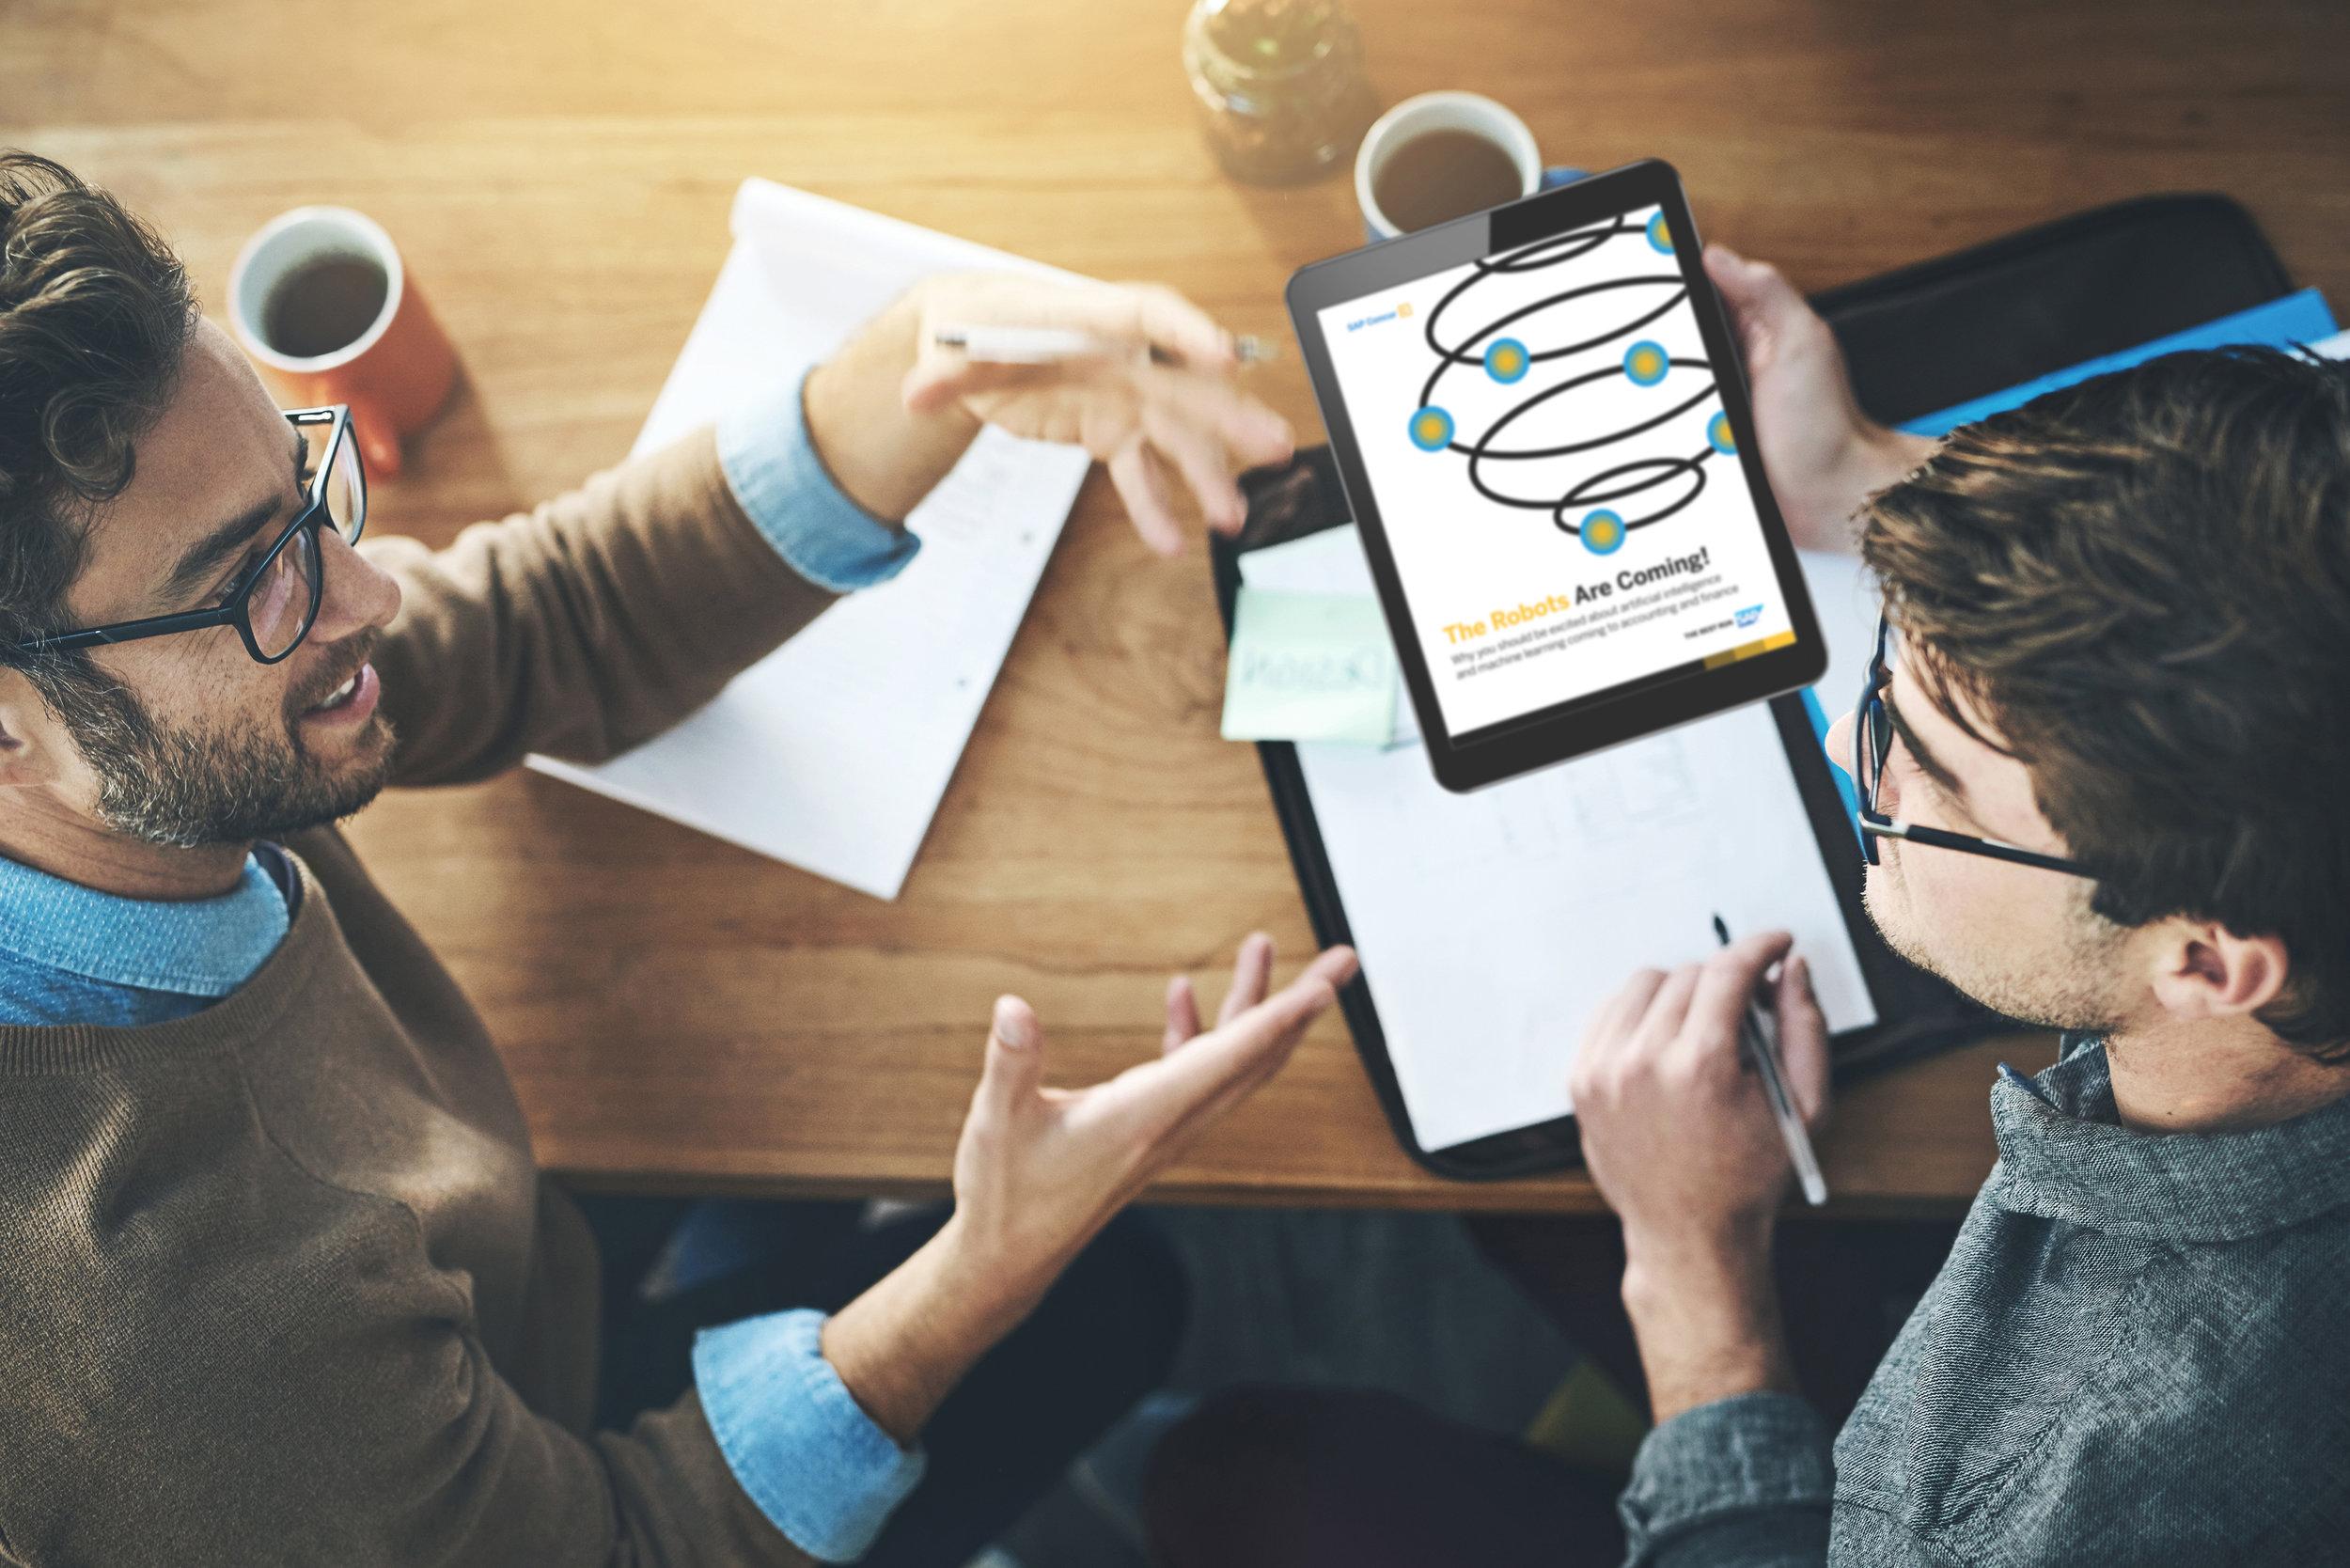 Erleben Sie die Geschichte der Digitalen Geschäftsreise - Immer wieder bereitete SAP Concur den Weg für Schlüsseltechnologien der digitalen Geschäftsreise. Tauchen Sie ein in 25 Jahre digitale Erfolgsgeschichte.Mehr erfahren →